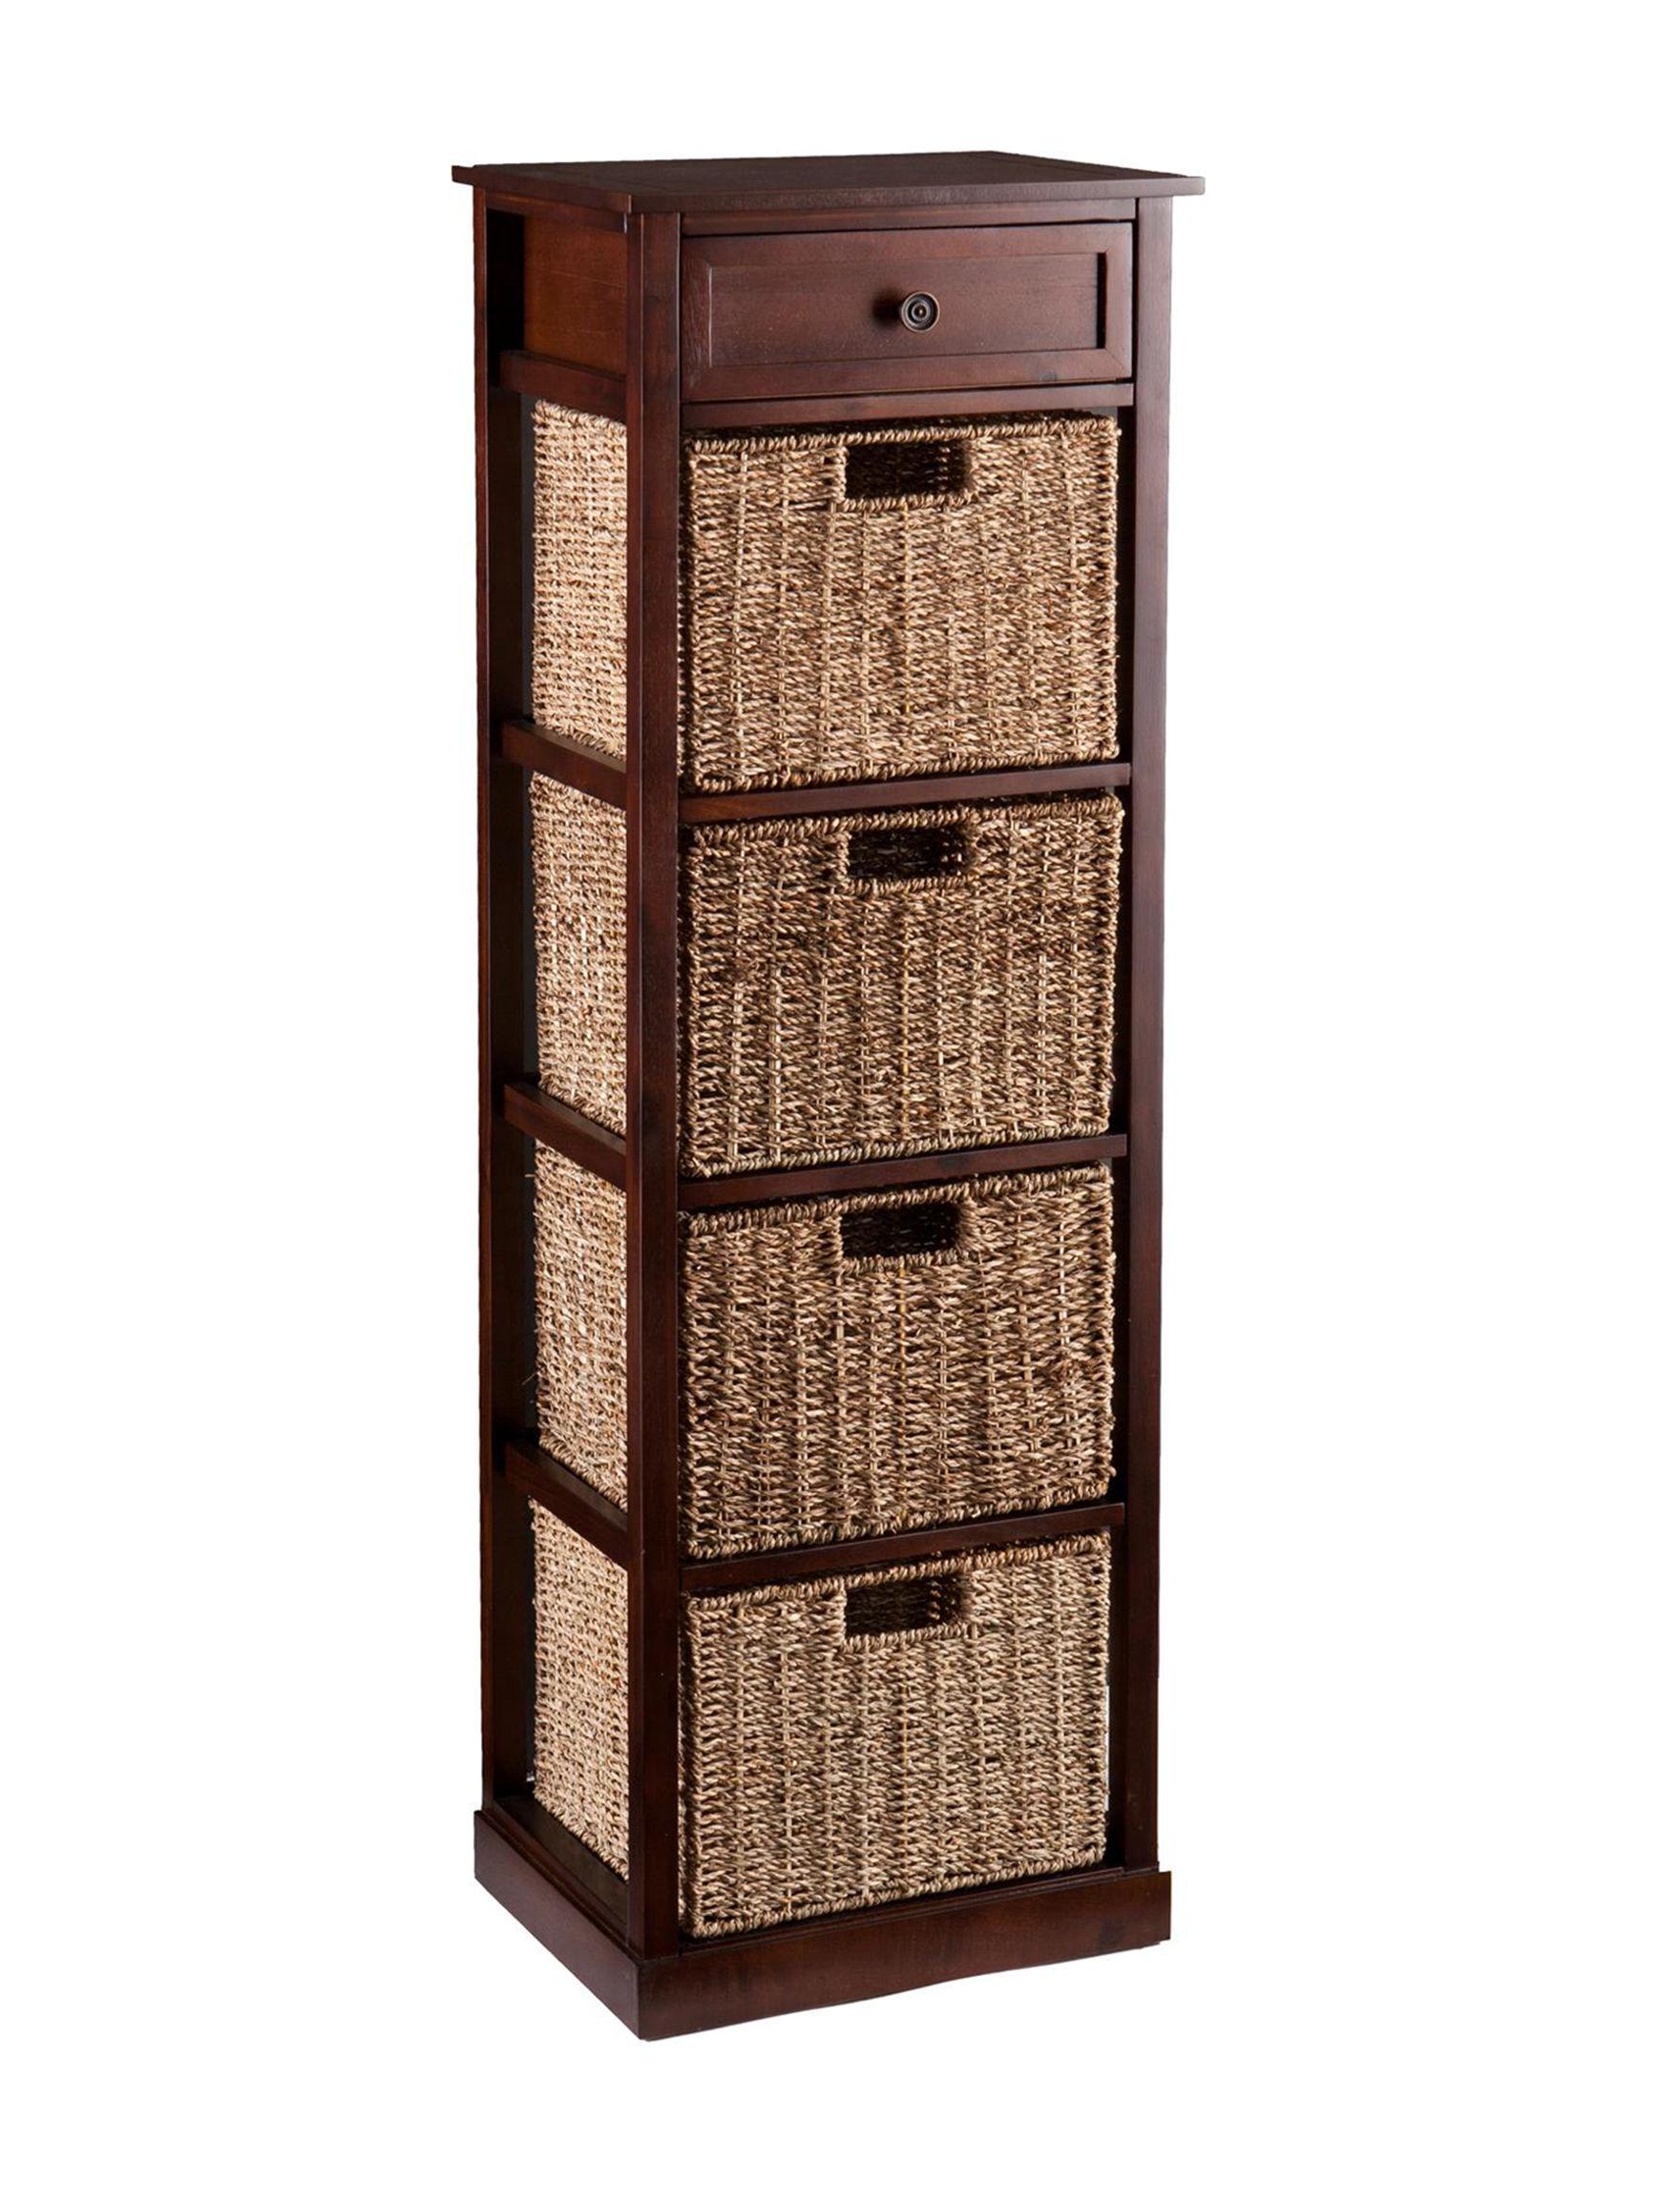 Southern Enterprises Mahogany Baskets Cubbies & Cubes Storage Bags & Boxes Storage Shelves Storage & Organization